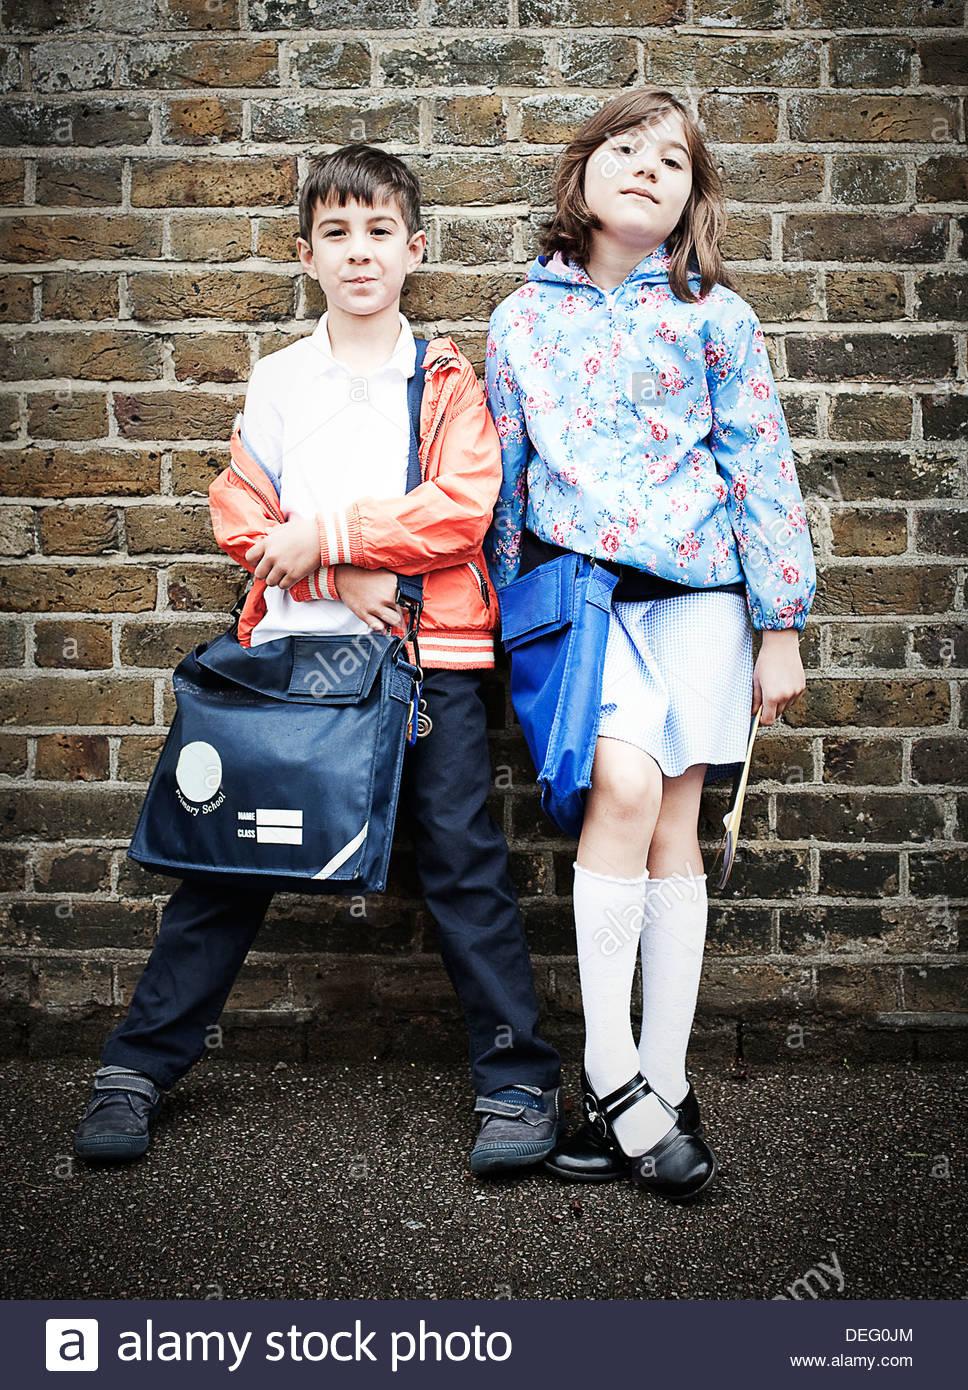 Un ragazzo e una ragazza in piedi di fronte a un muro di mattoni con scuola di sacchi Immagini Stock